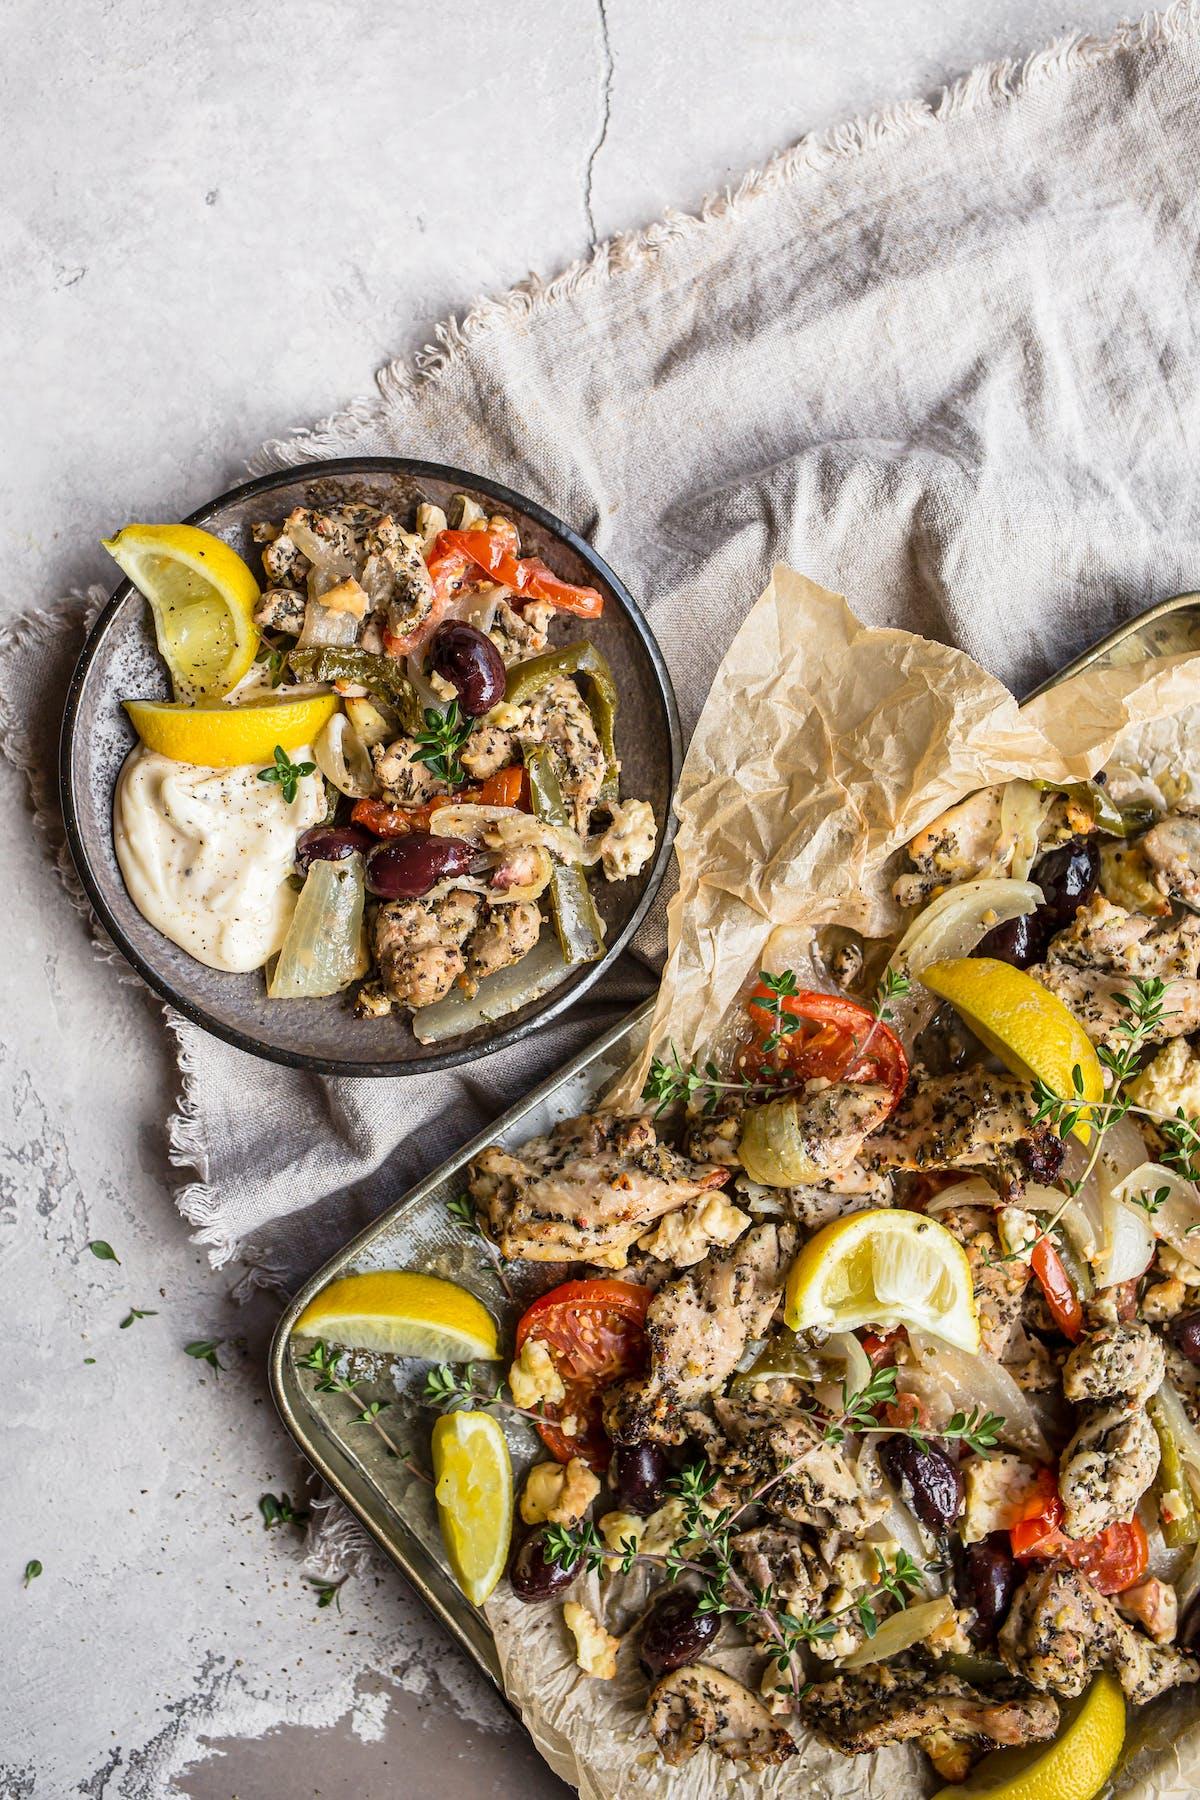 Greek chicken sheet-pan meal with garlic sauce